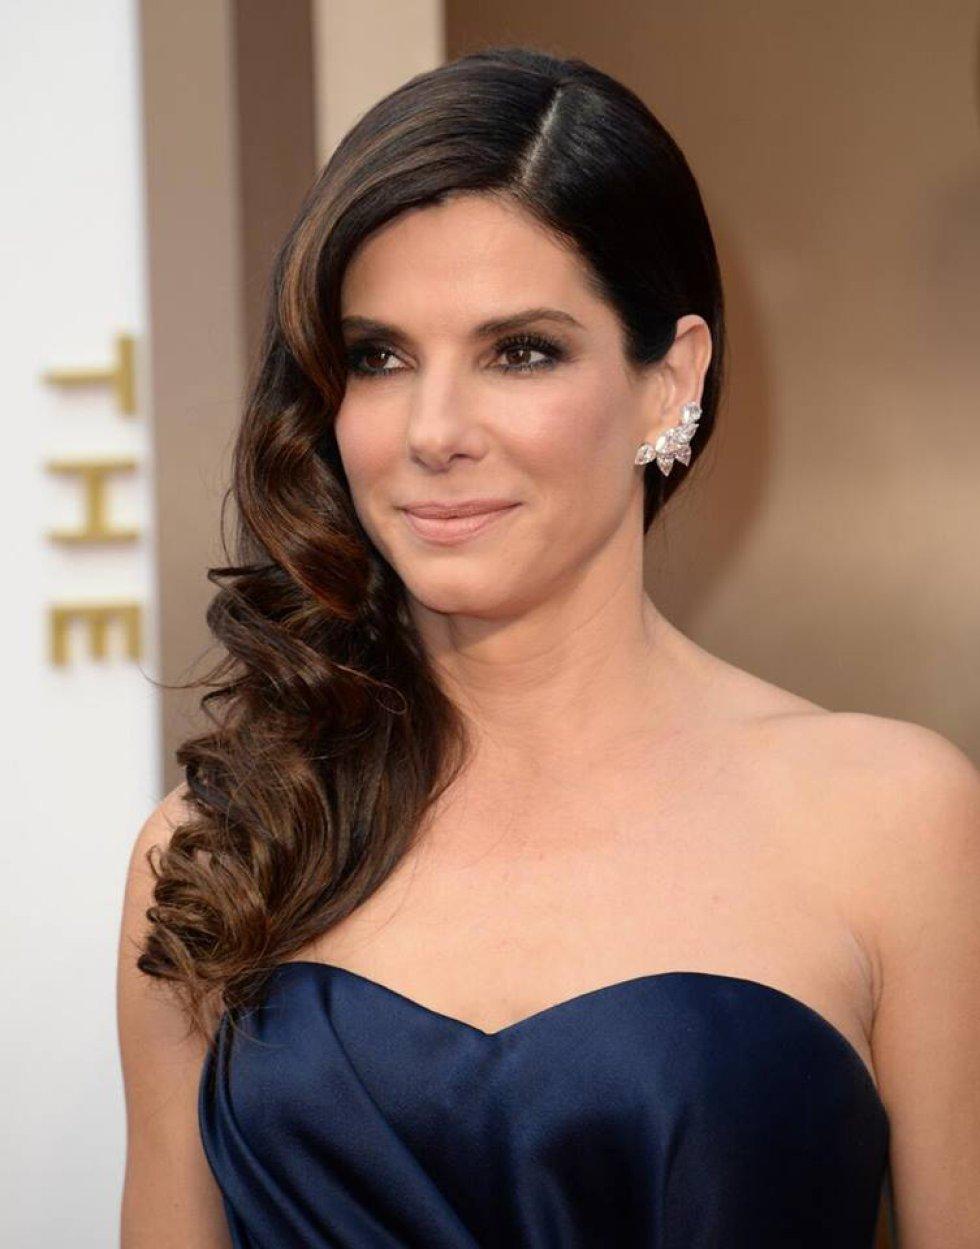 En 2010 se convirtió en la primera actriz en ganar el Óscar a la mejor actriz.